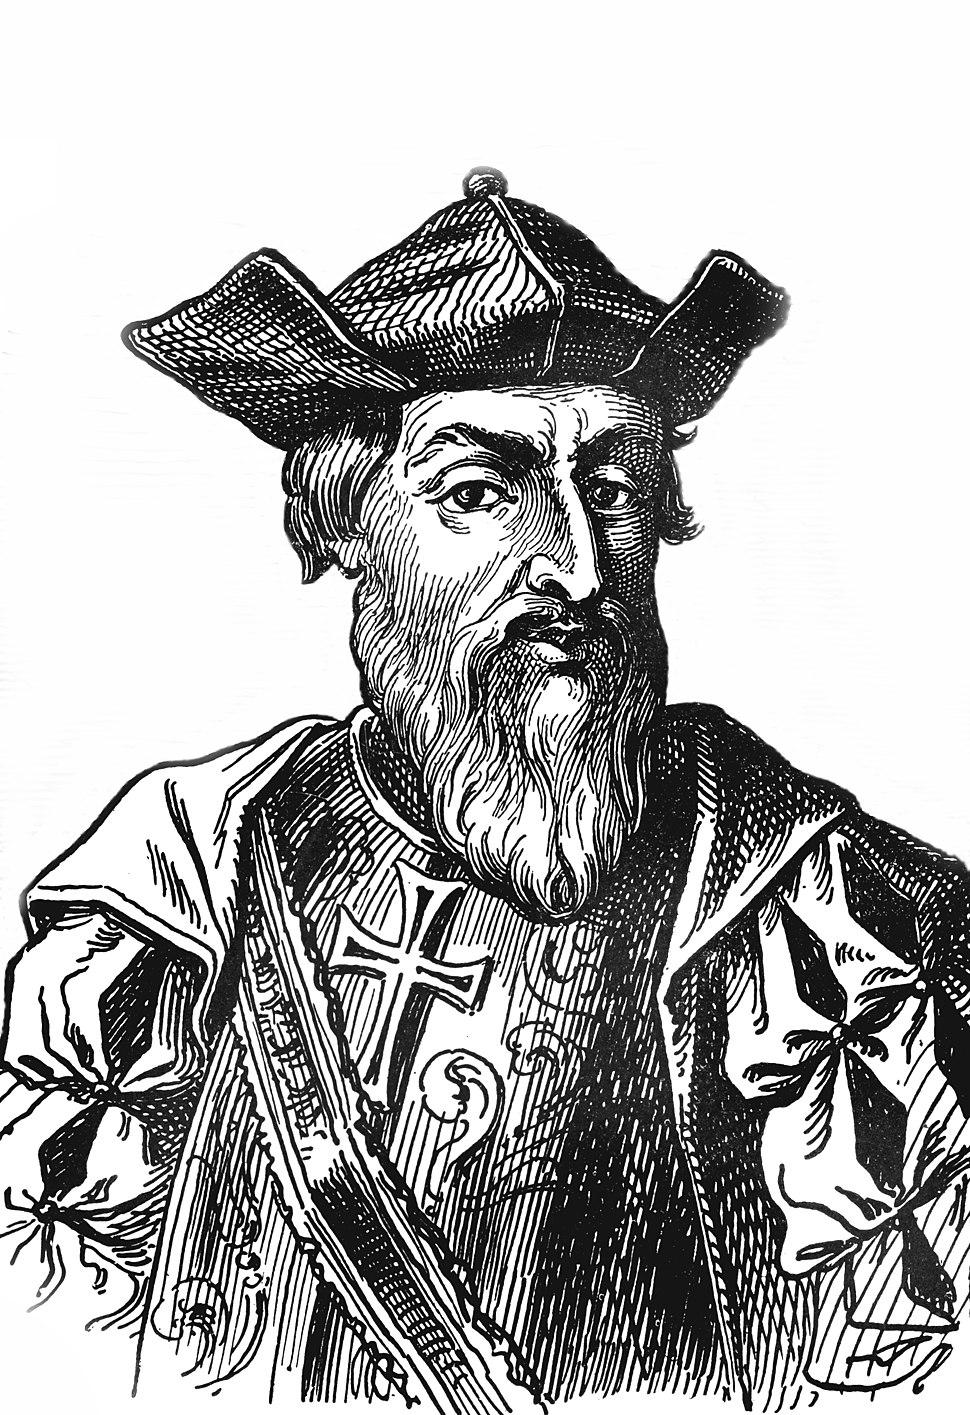 Vasco da Gama (without background)